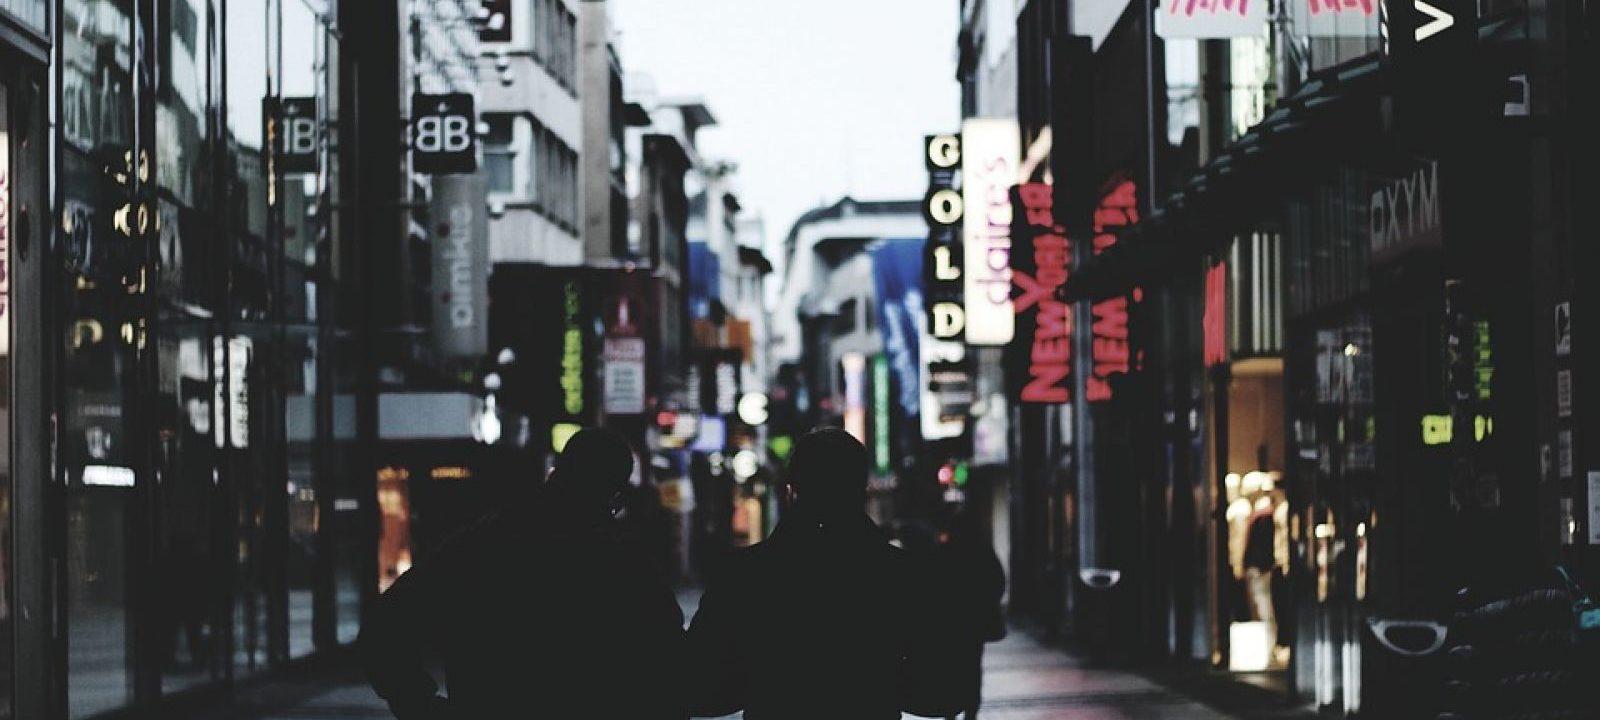 hacking retail blogpost hacks InnovationLab